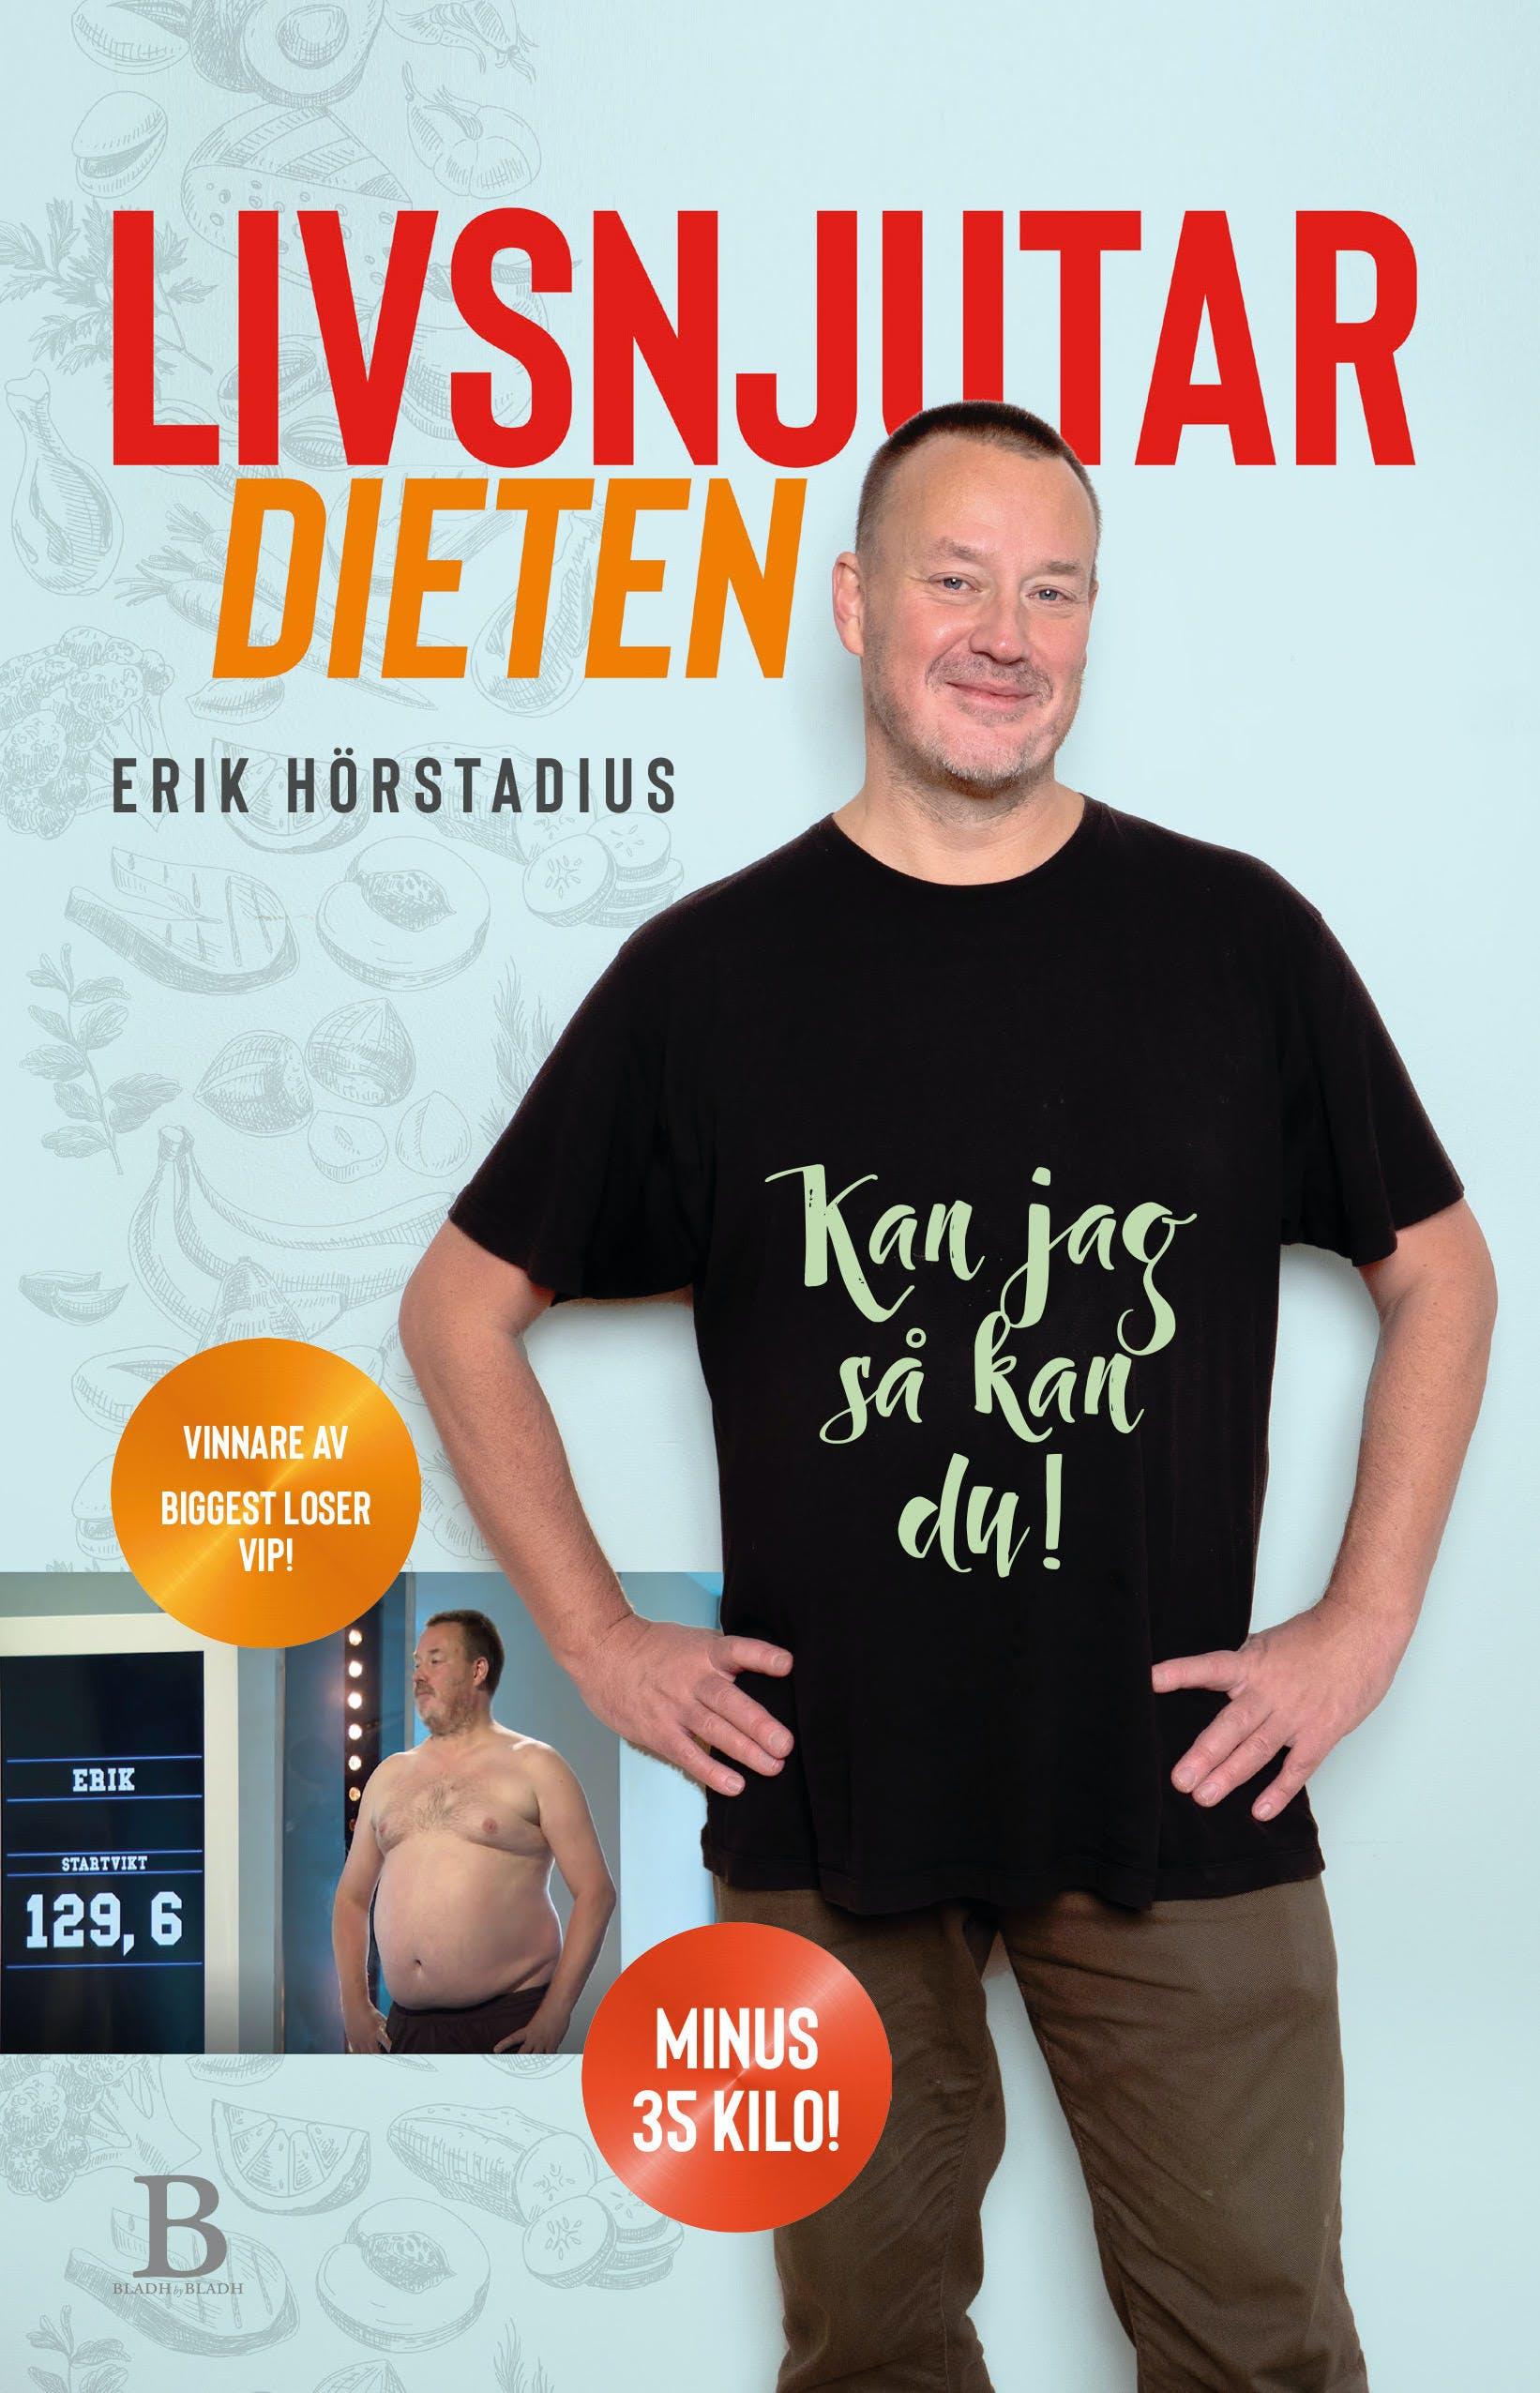 Erik-Hörstadius-Livsnjutardieten-Bladh-by-Bladh-Bokomslag